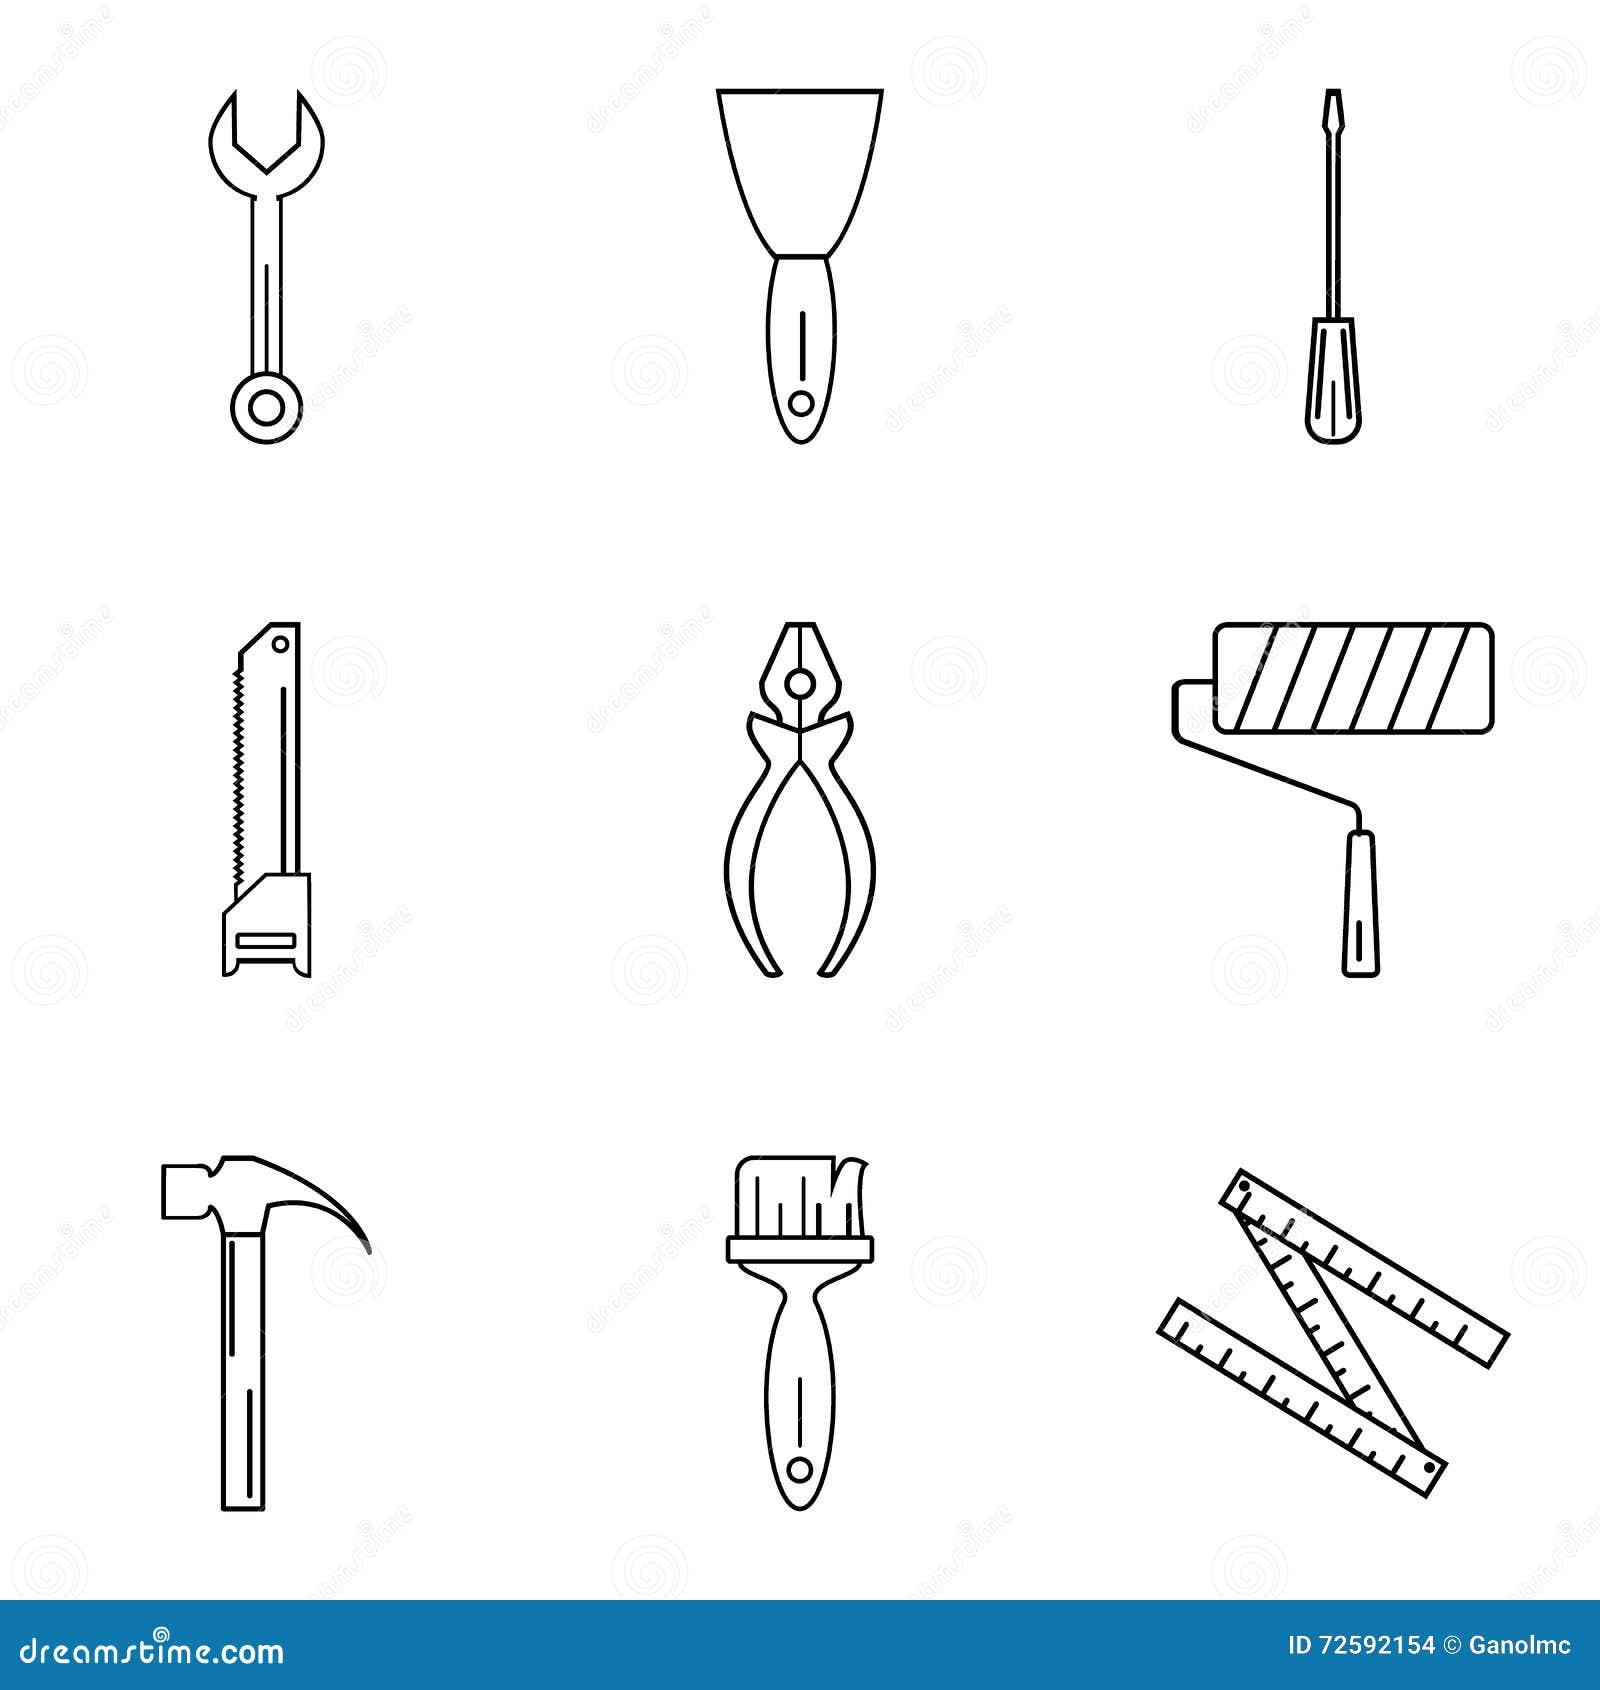 hammer auf dem fenster reparieren sie lineare ikonen karikatur polar mit herzen vektor abbildung. Black Bedroom Furniture Sets. Home Design Ideas